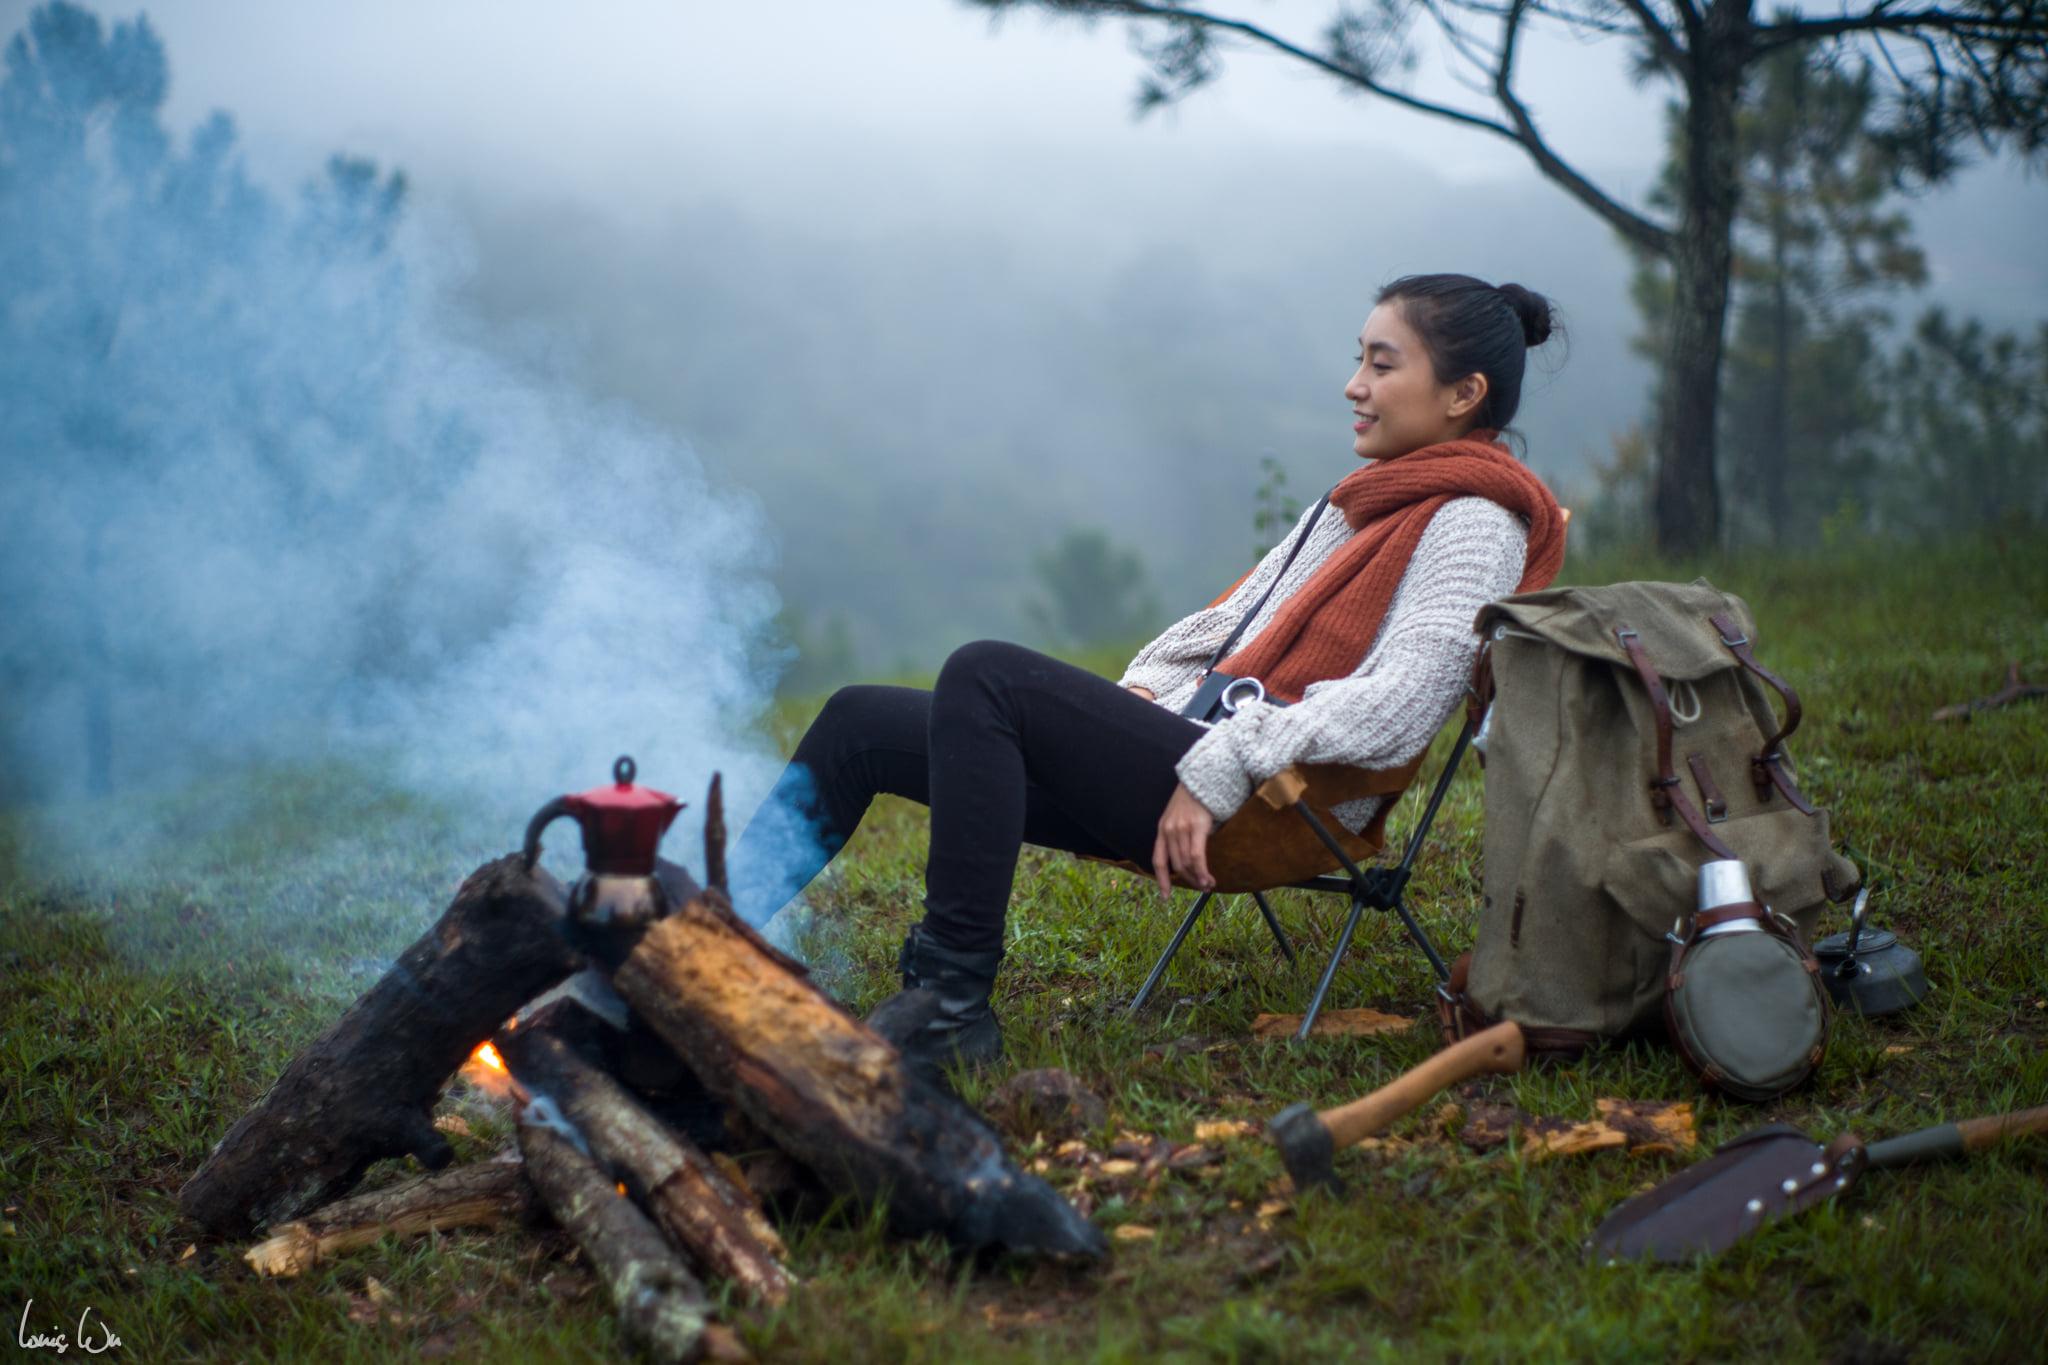 Vũ Mạnh Tuấn yêu thích ngắm nhìn và ghi lại khung cảnh bình yên với bạn gái trong một chuyến đi Đà Lạt cùng nhau.